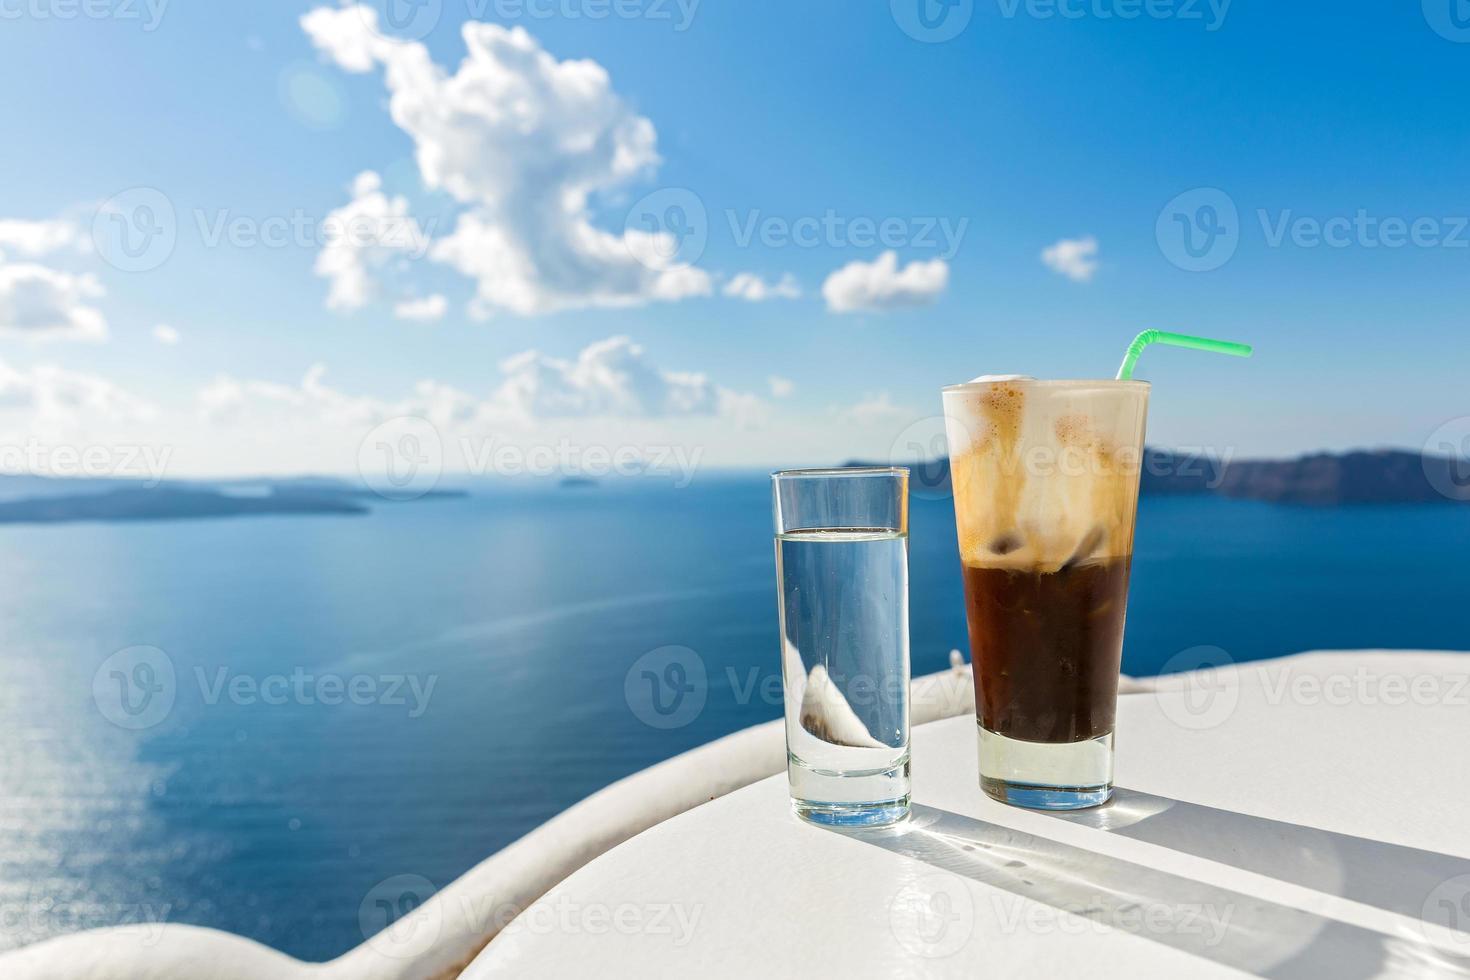 uppfriskande drink nära havet foto